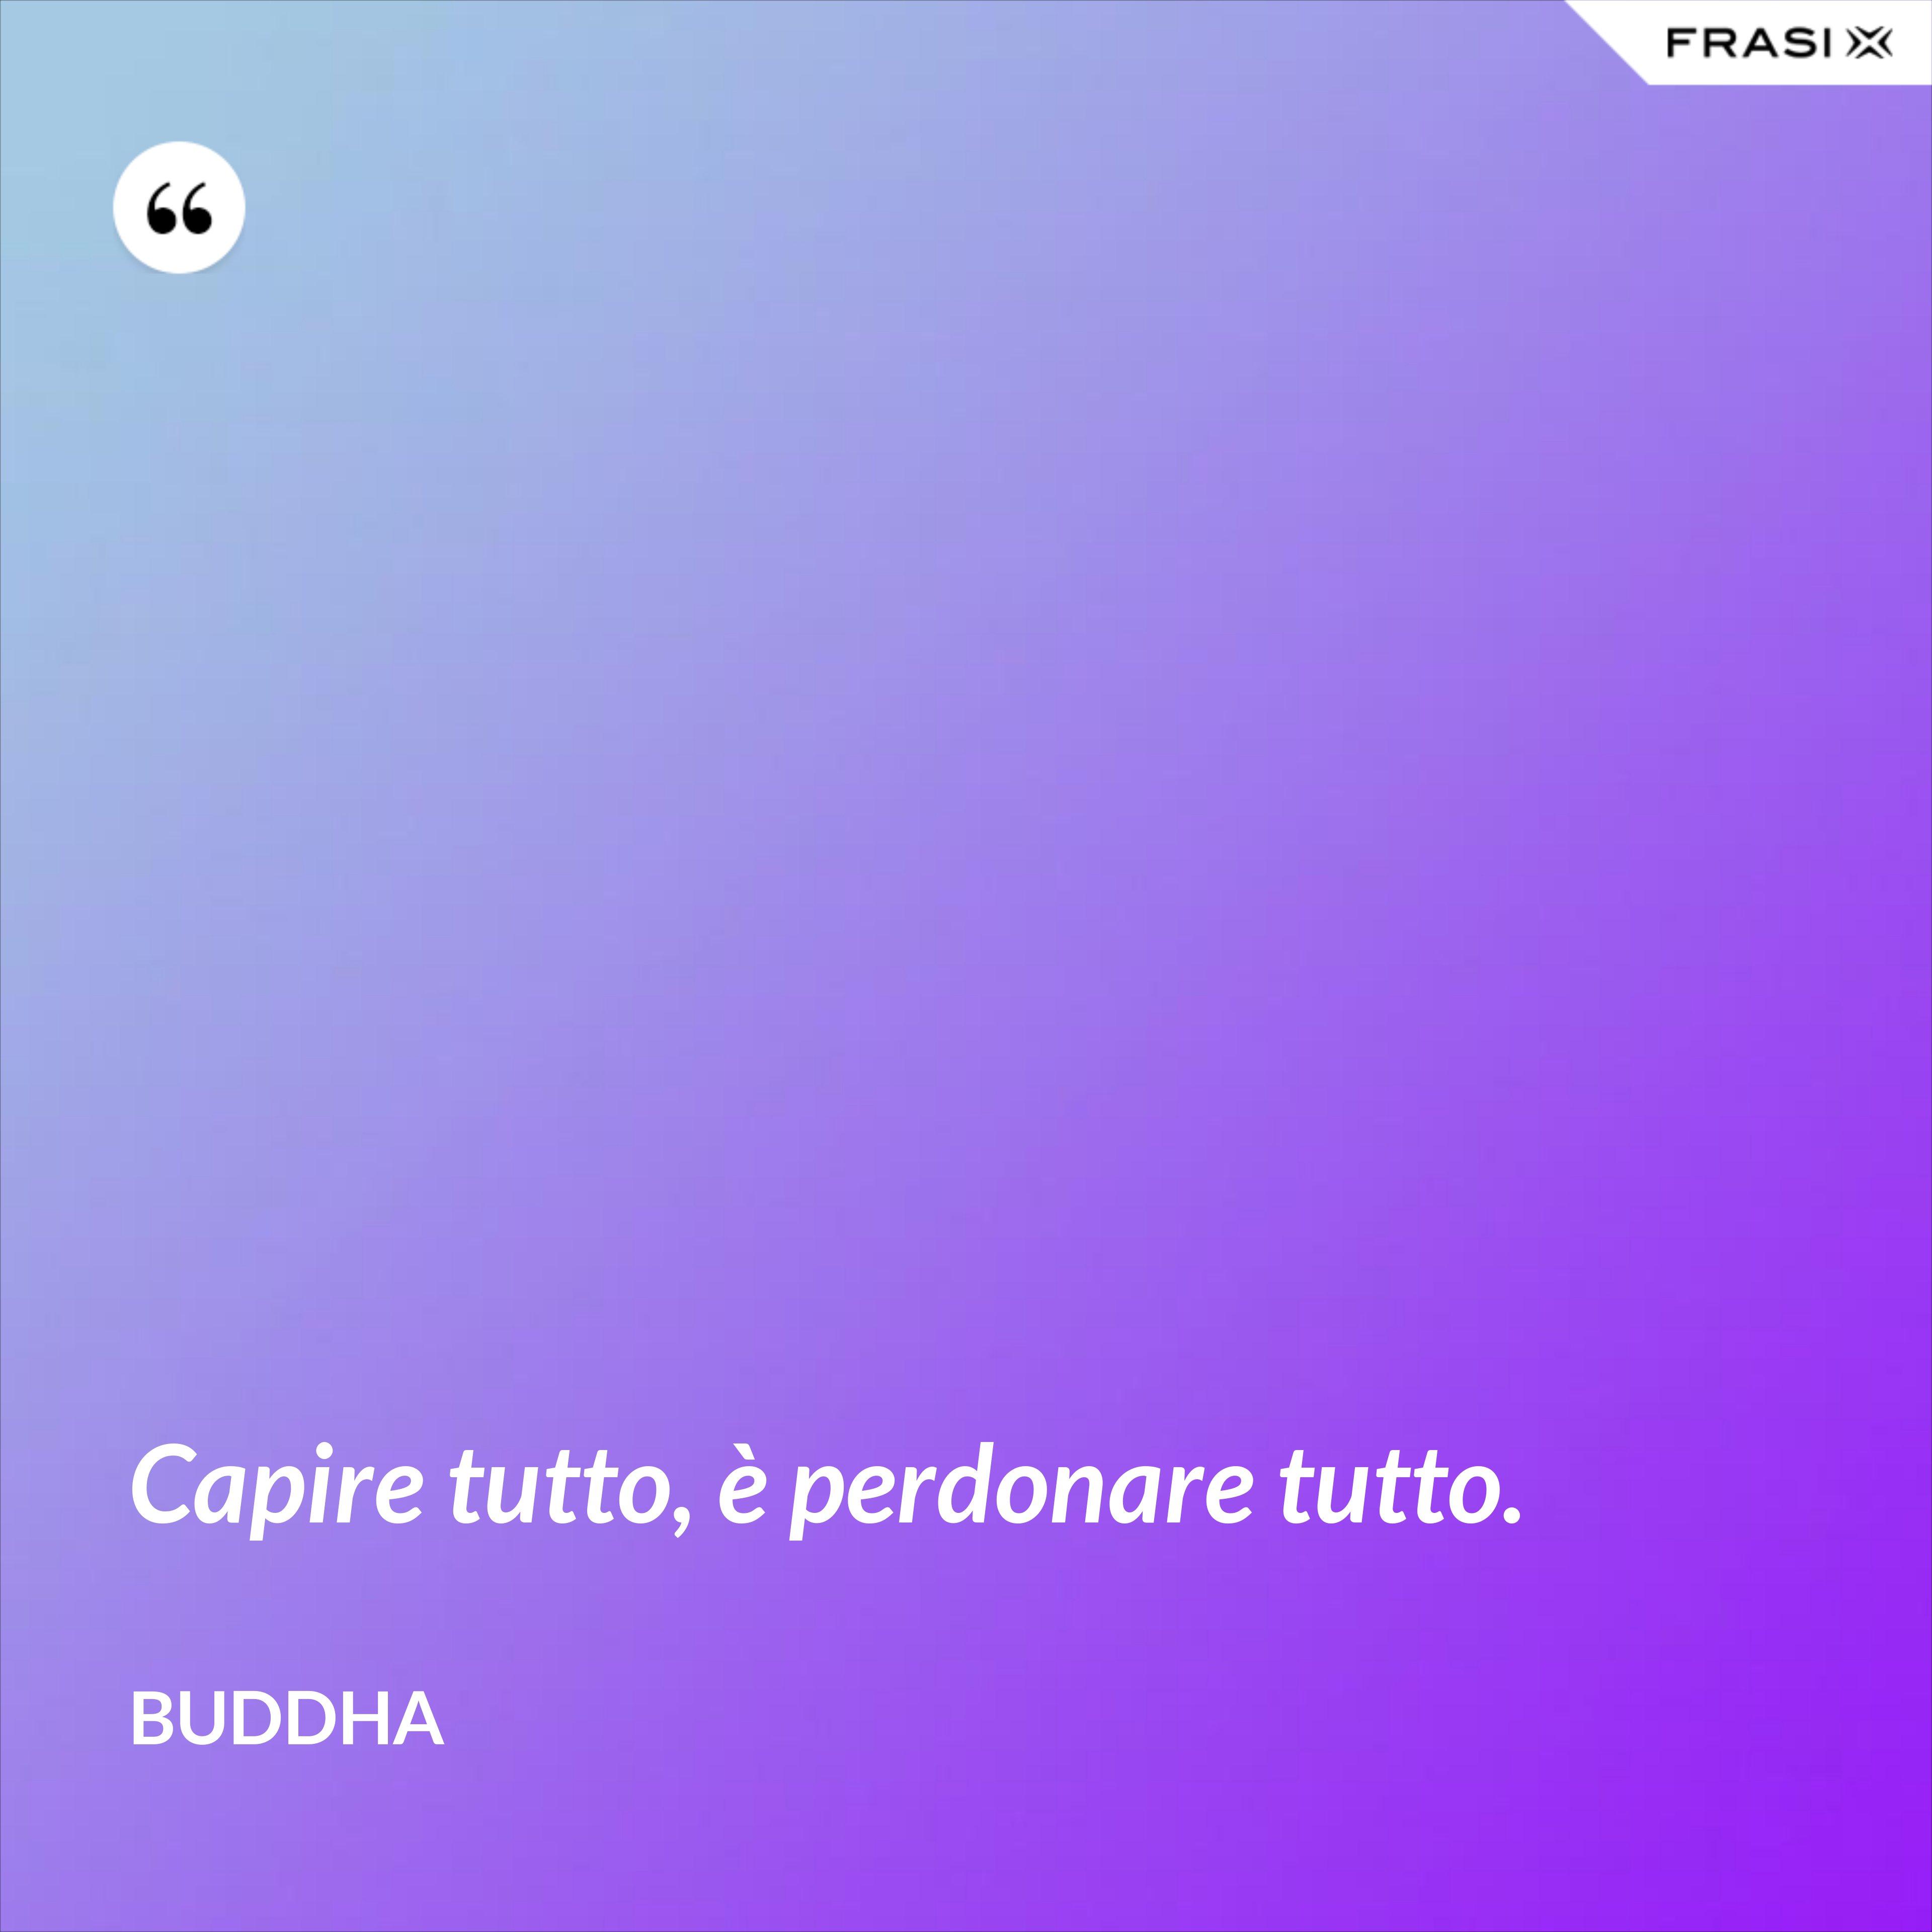 Capire tutto, è perdonare tutto. - Buddha